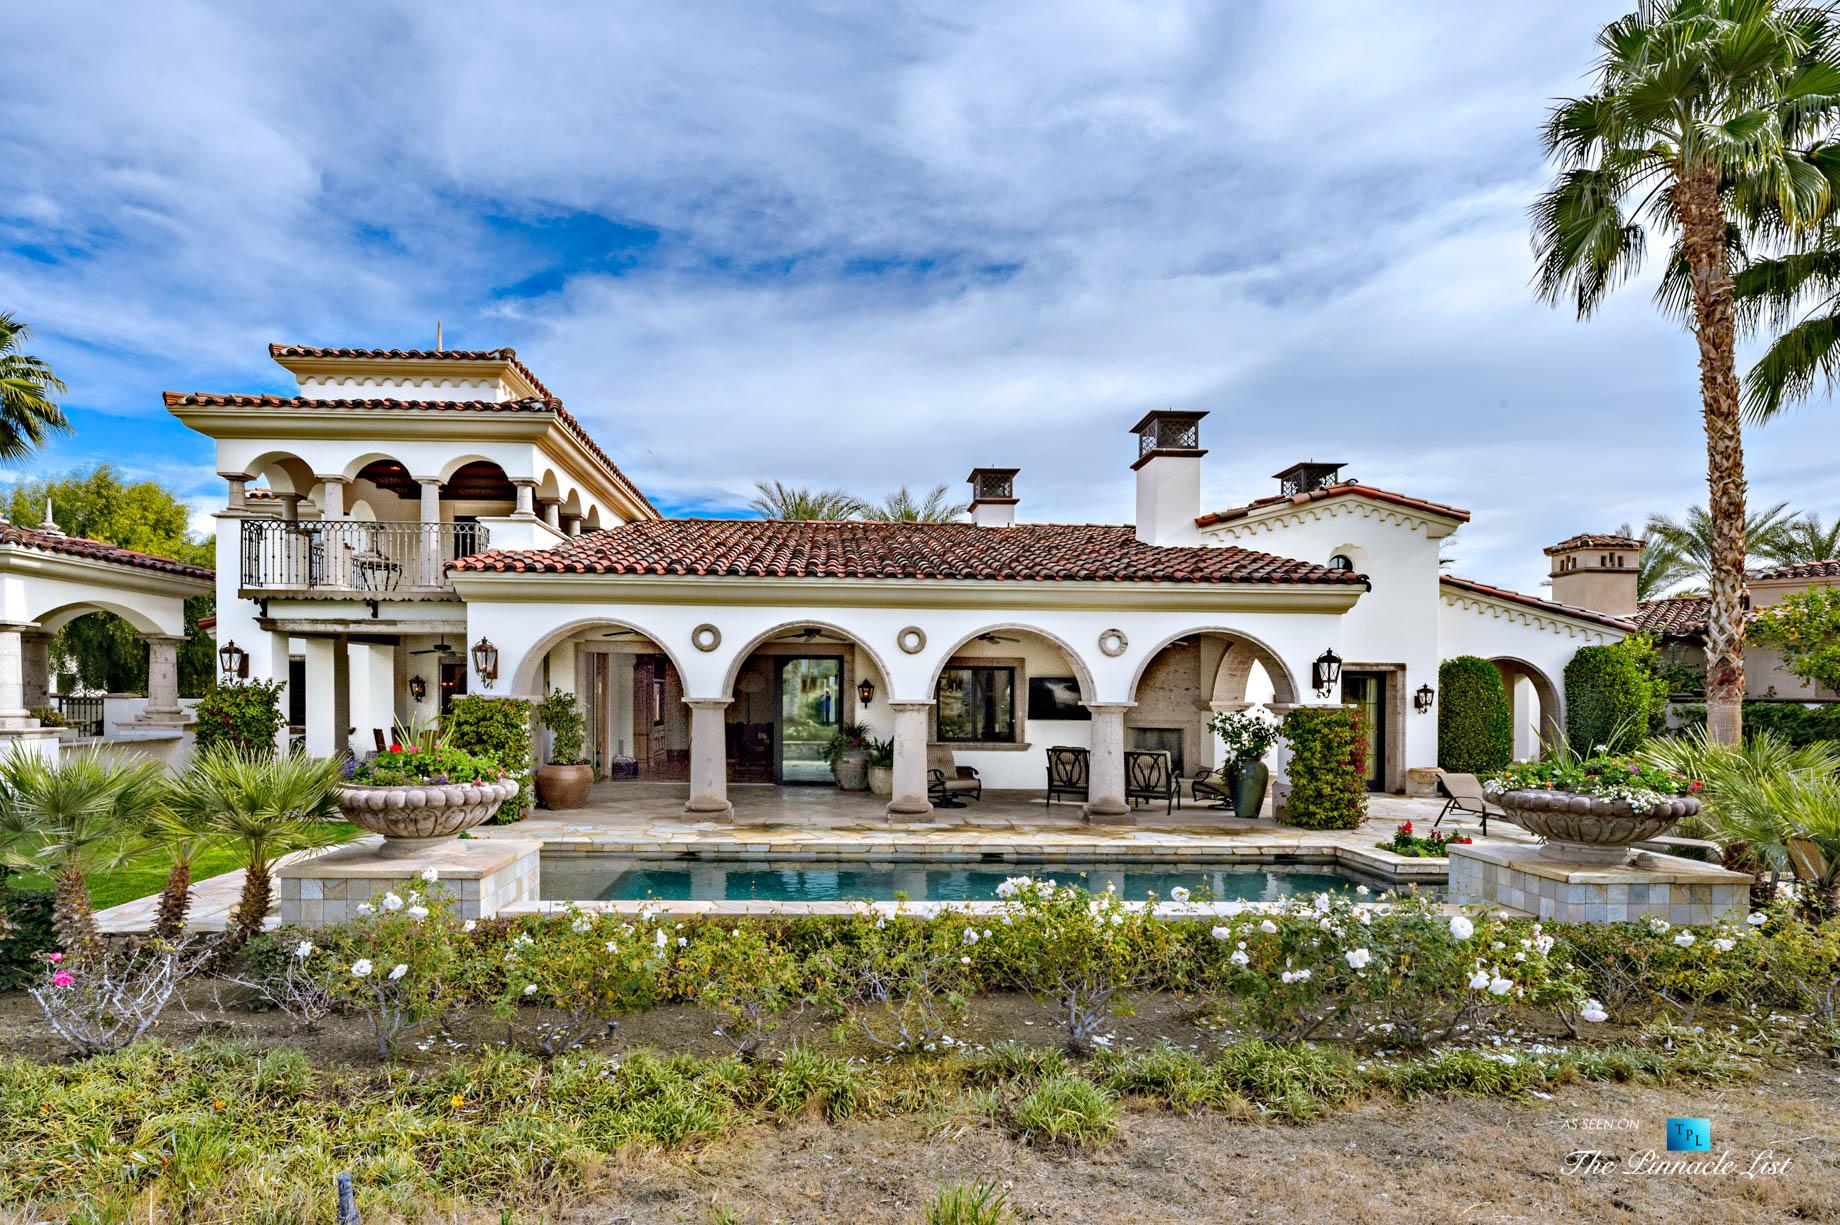 086 – 52647 Via Savona, La Quinta, CA, USA